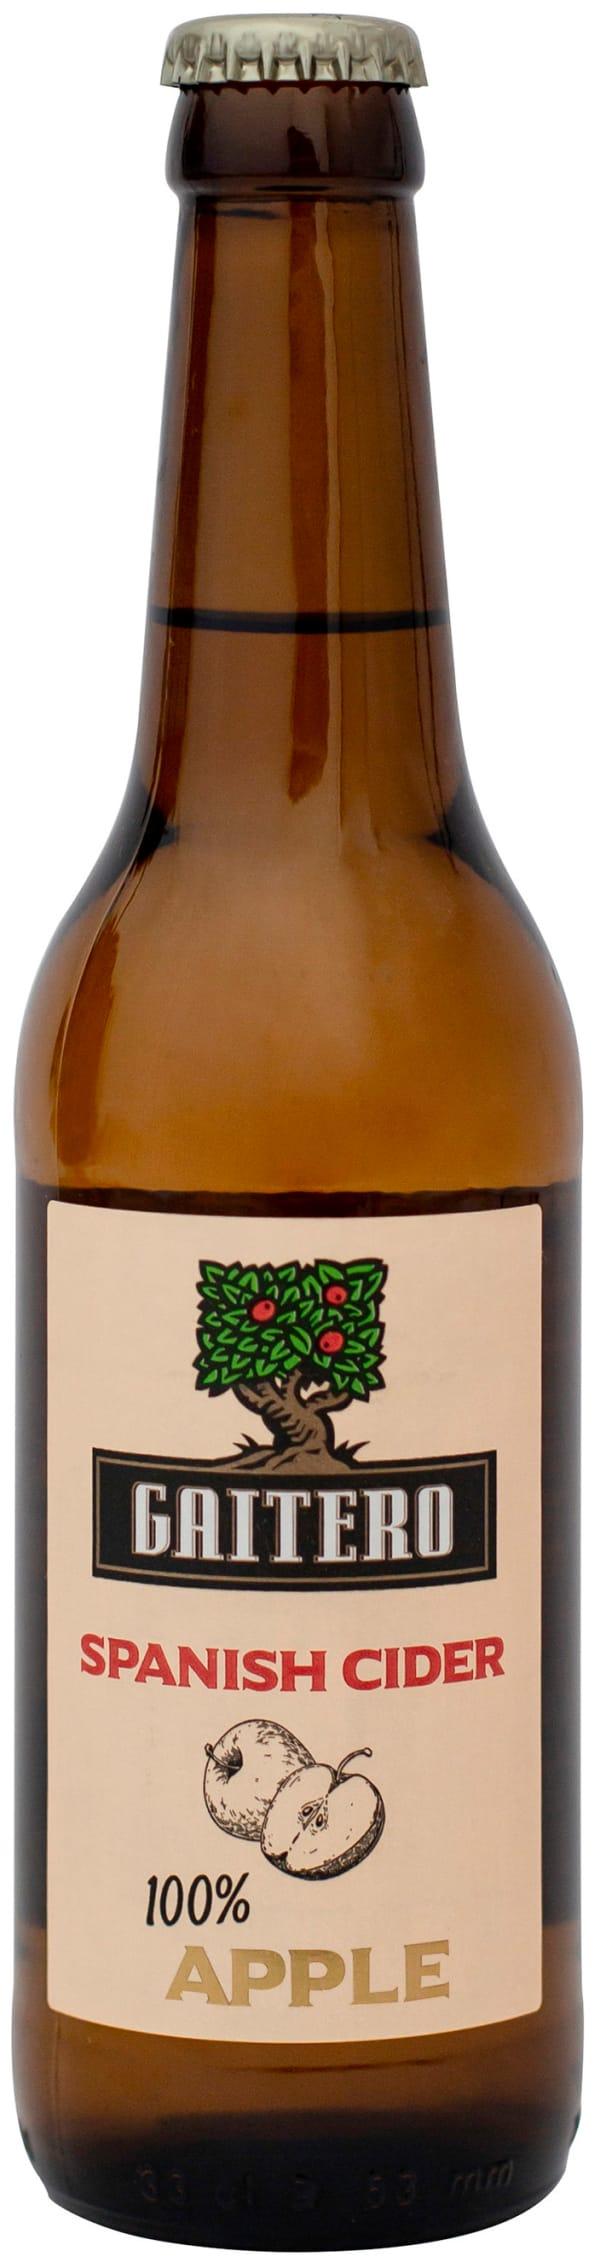 El Gaitero Spanish Cider